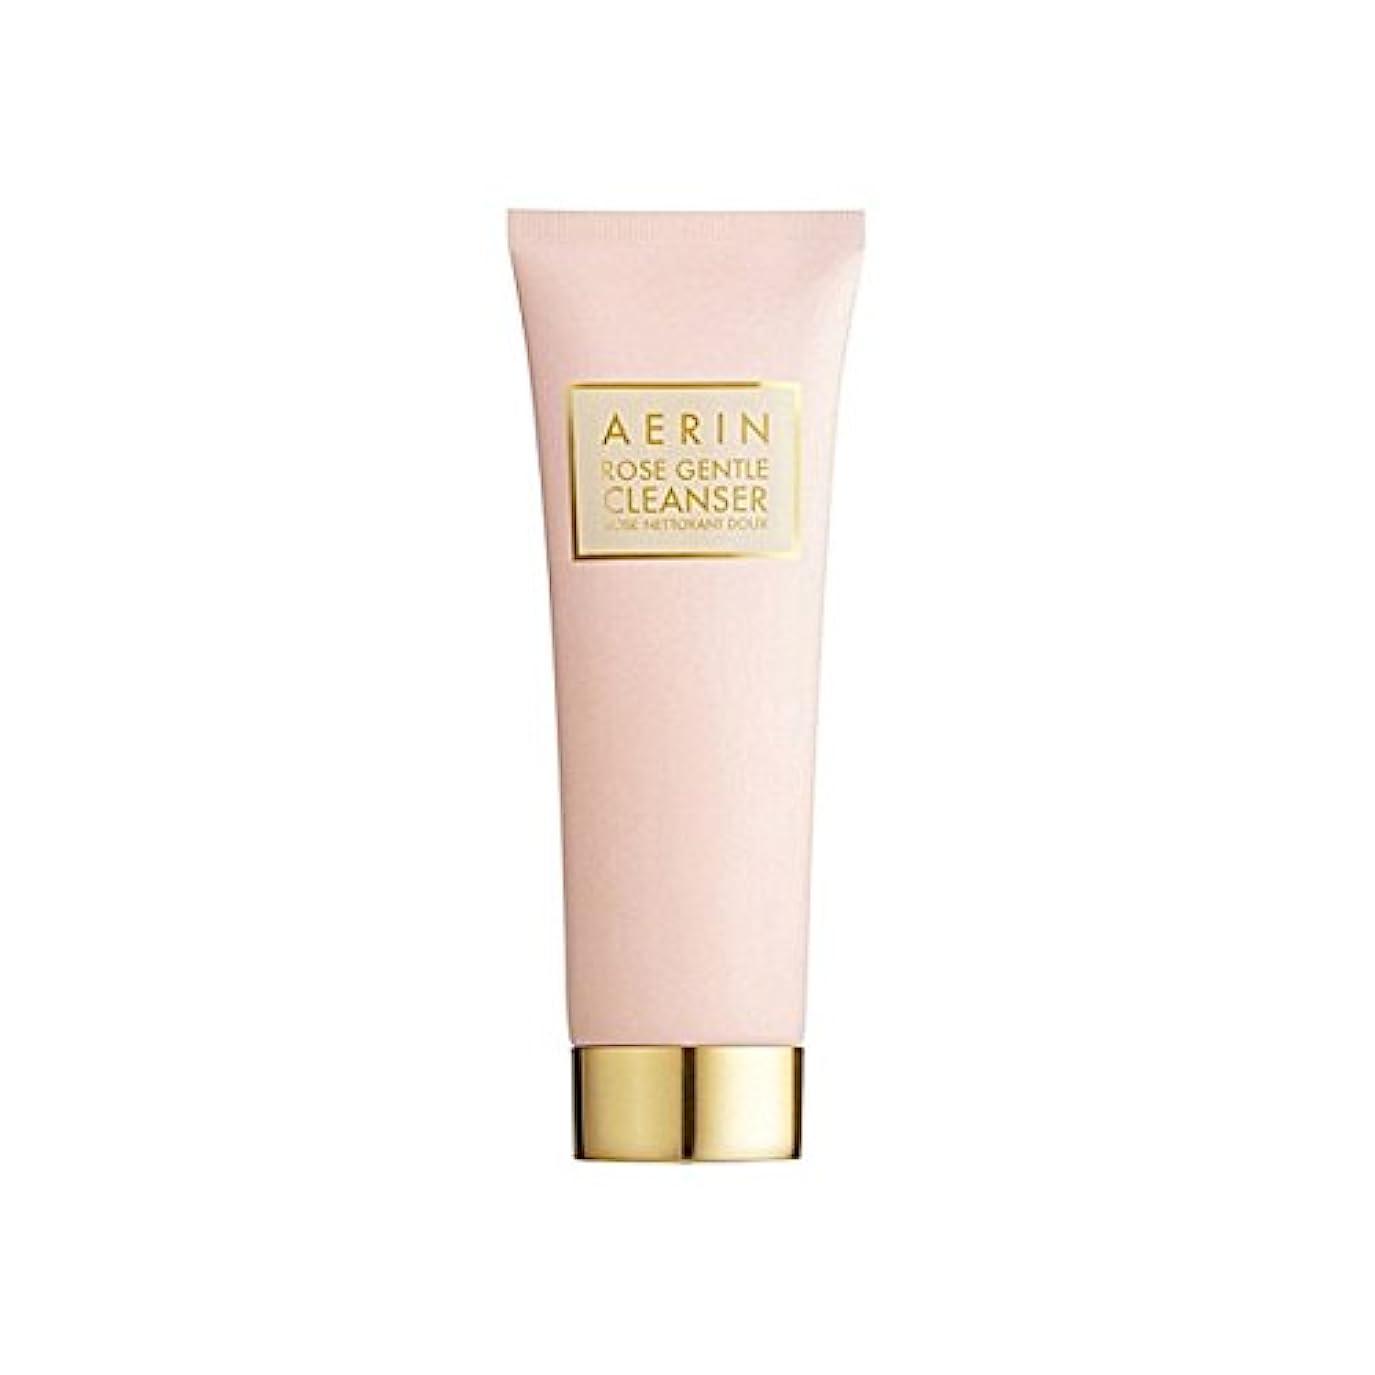 物語攻撃的神経障害Aerin Rose Gentle Cleanser 125ml (Pack of 6) - はジェントルクレンザーの125ミリリットルをバラ x6 [並行輸入品]